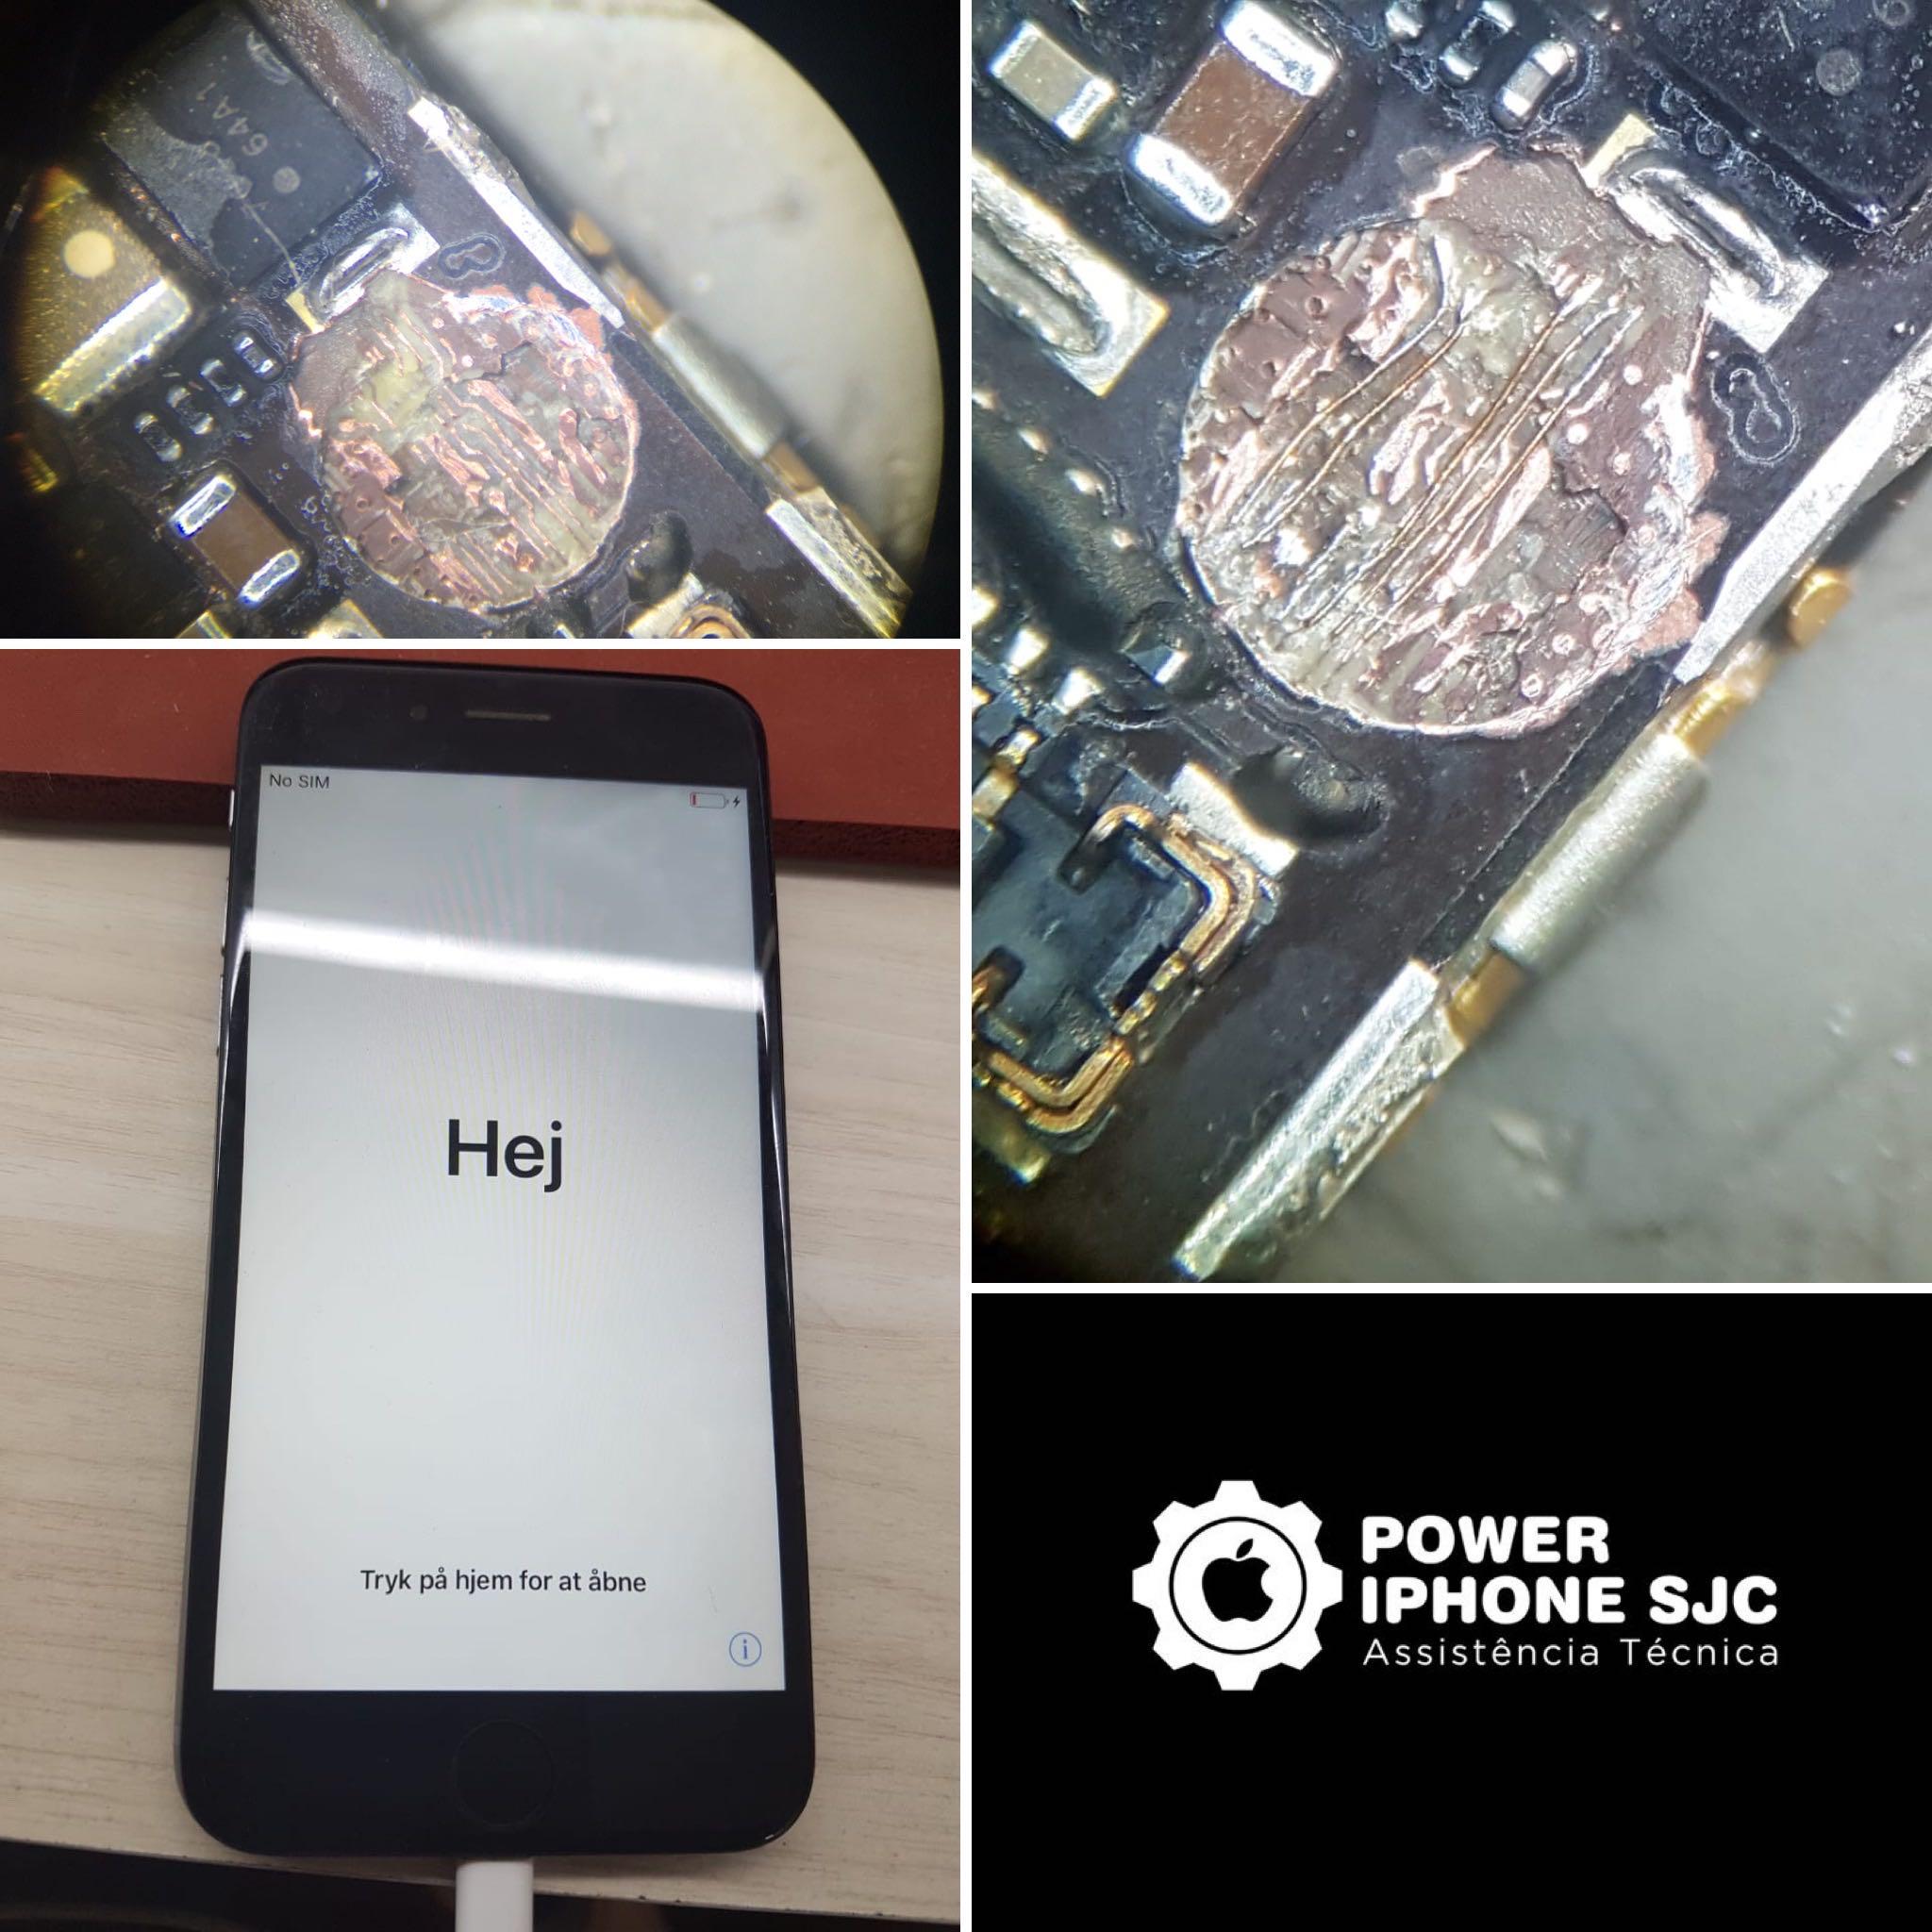 iPhone 6 trilha rompida por parafuso